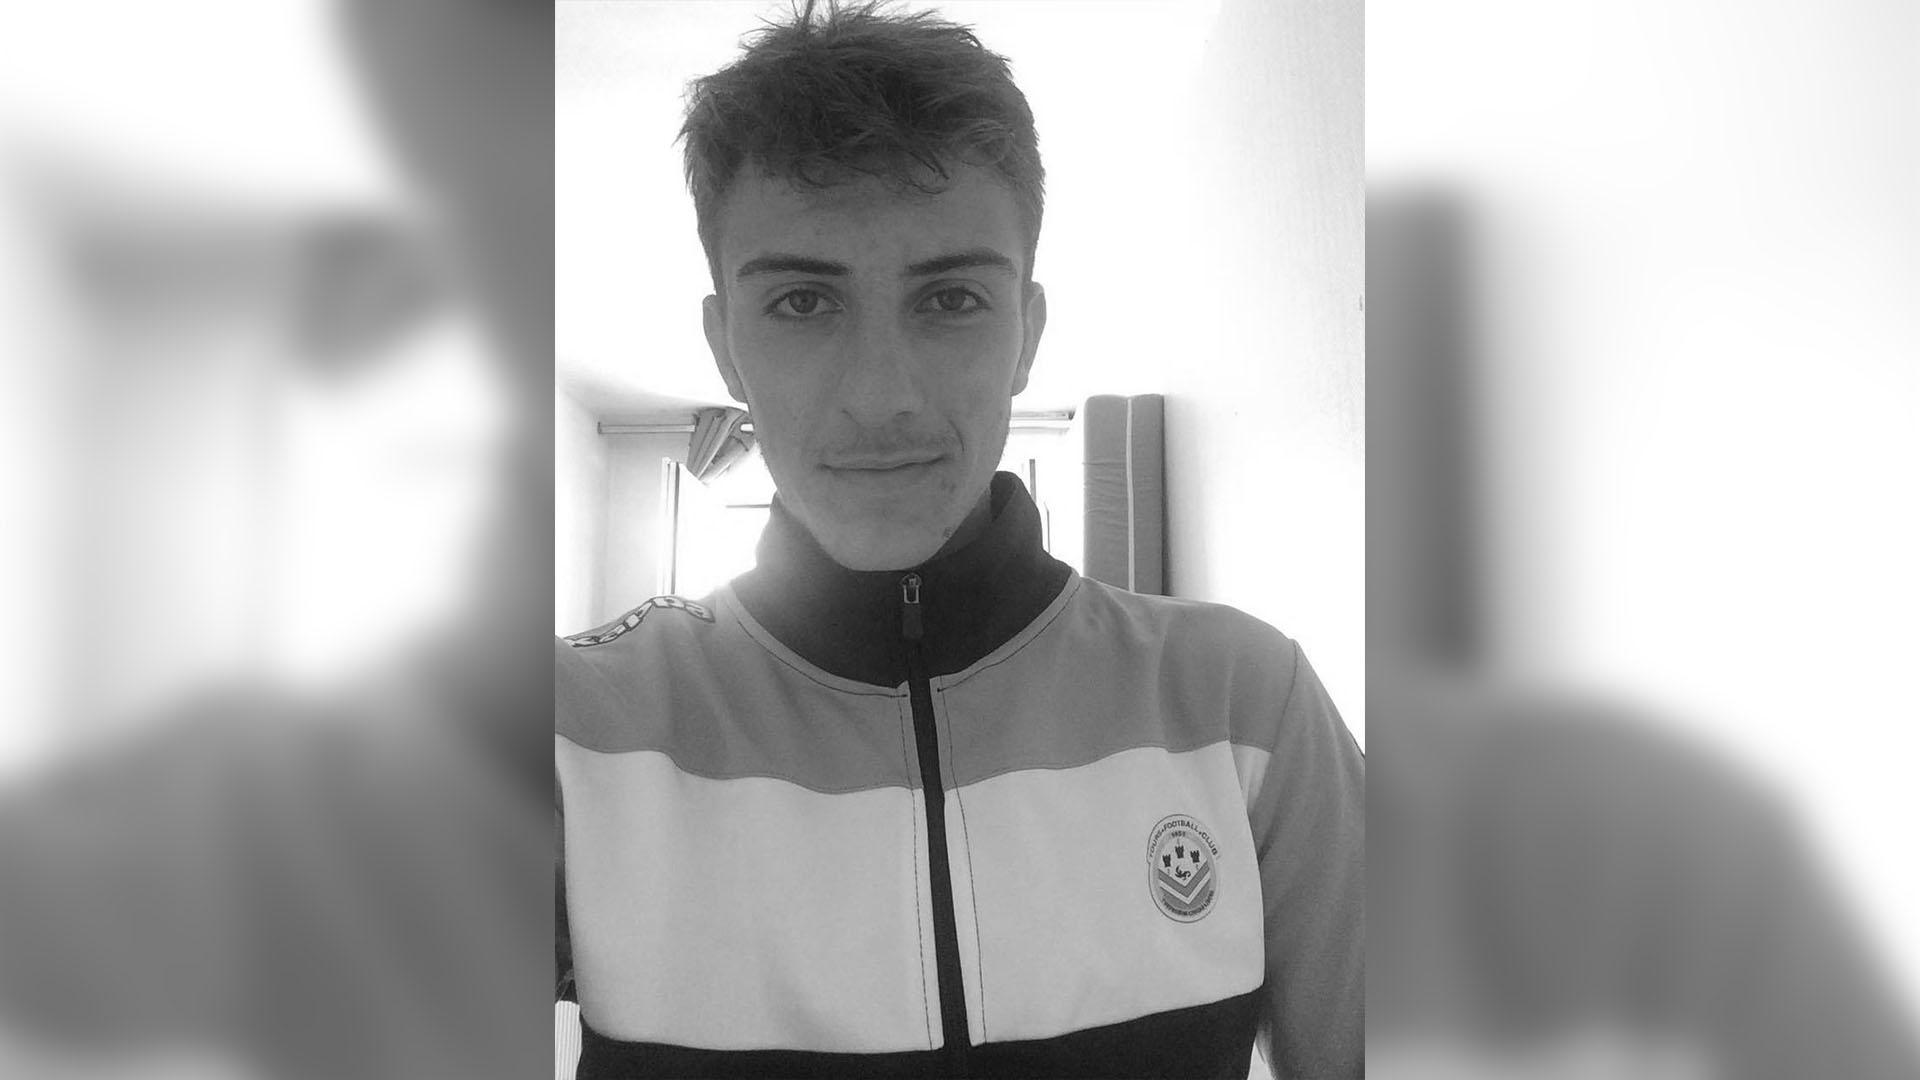 ВоФранции скончался 18-летний футболист